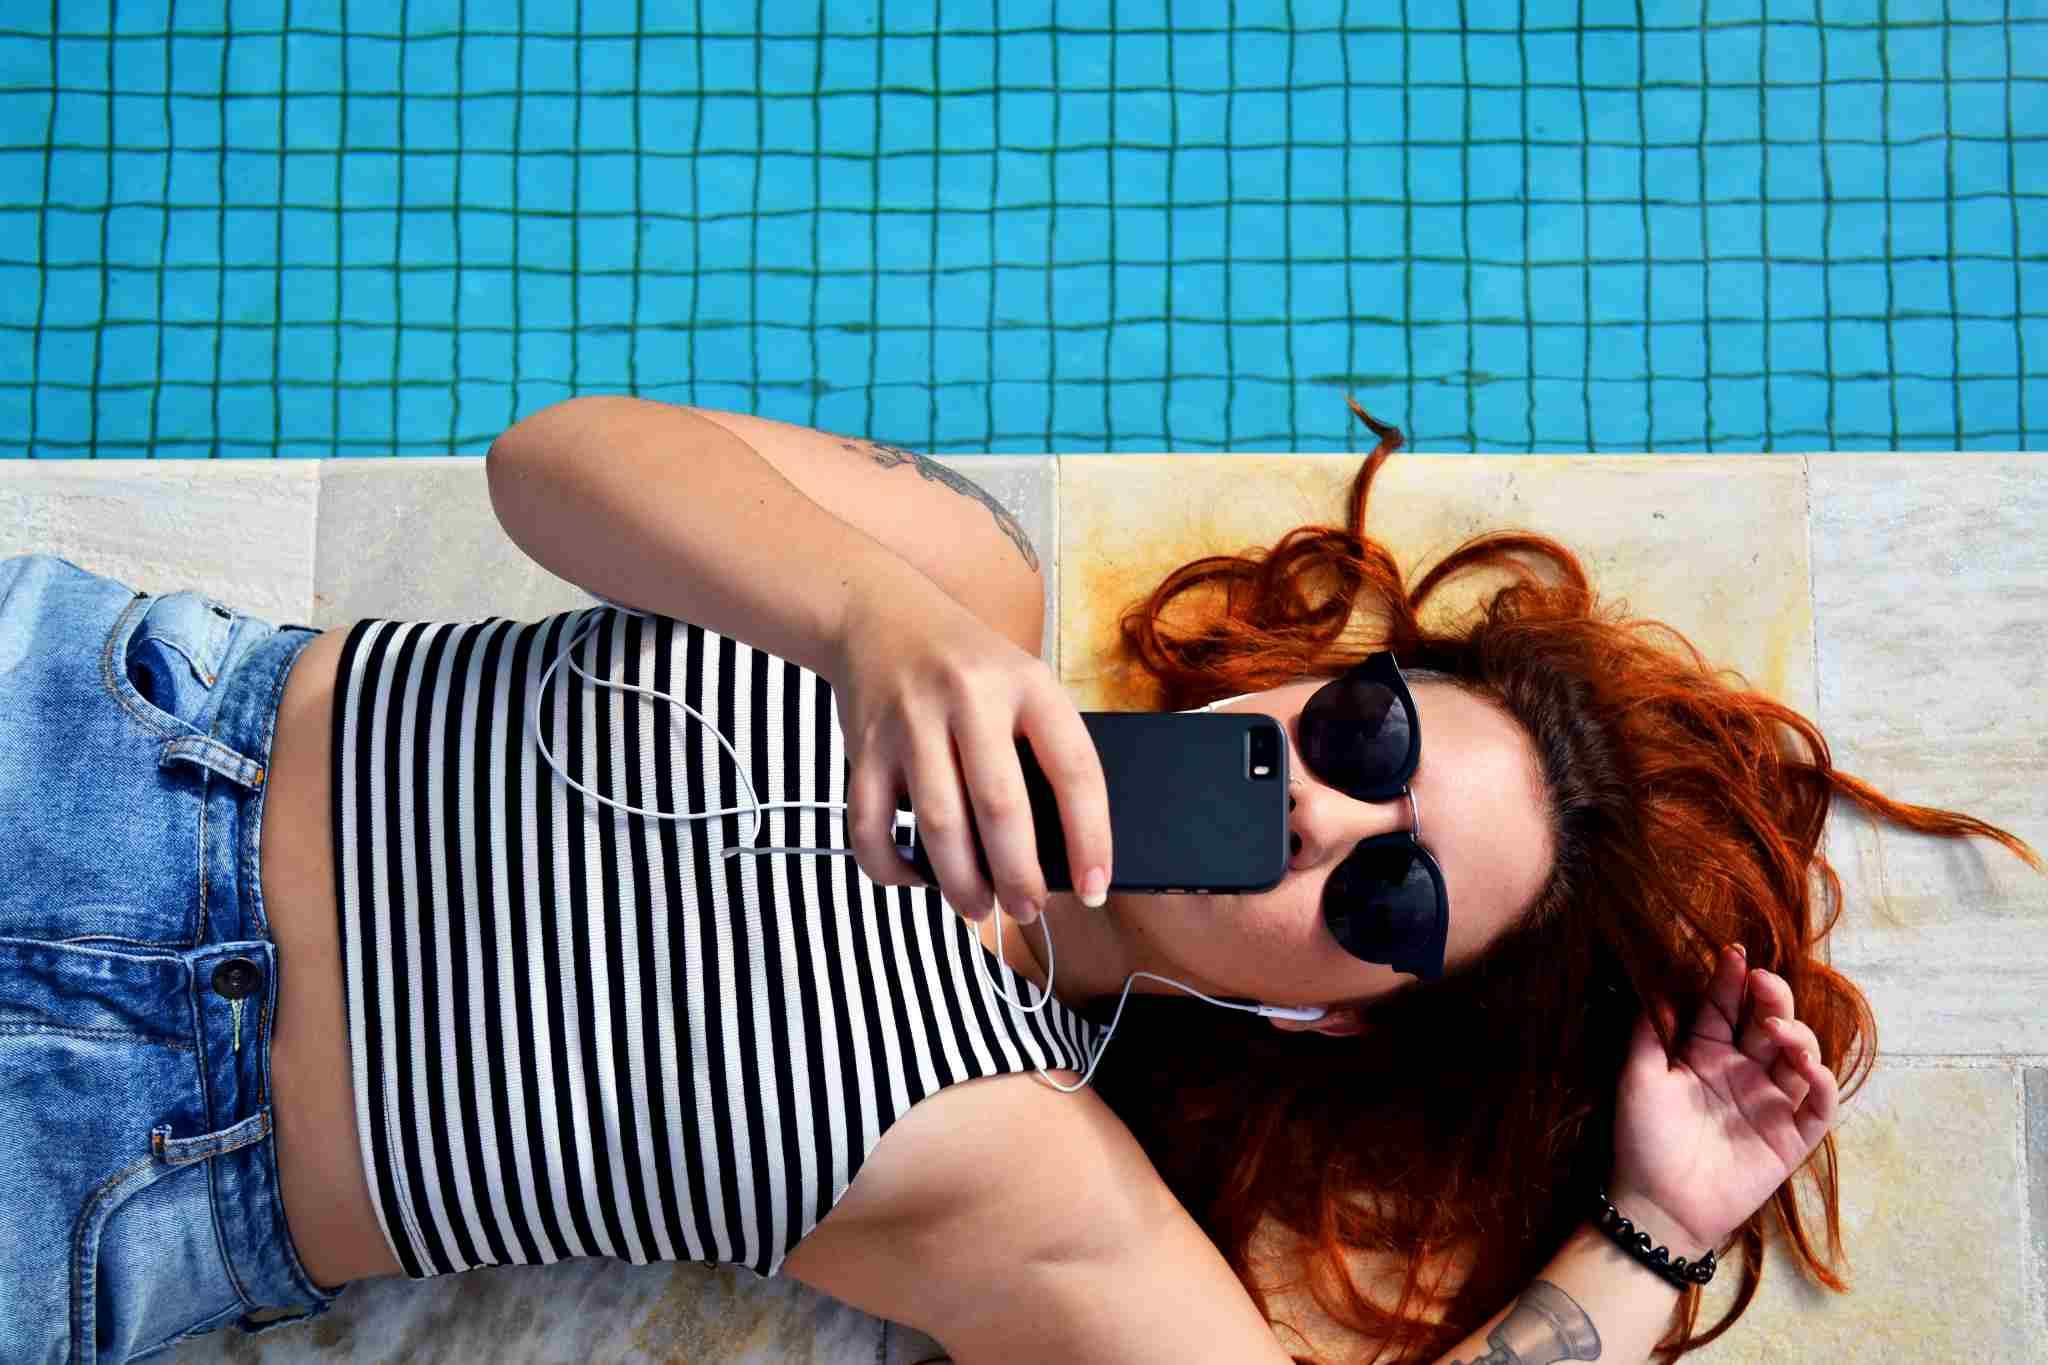 Virtuelle assistenter kan du snakke til og gjør ting for deg